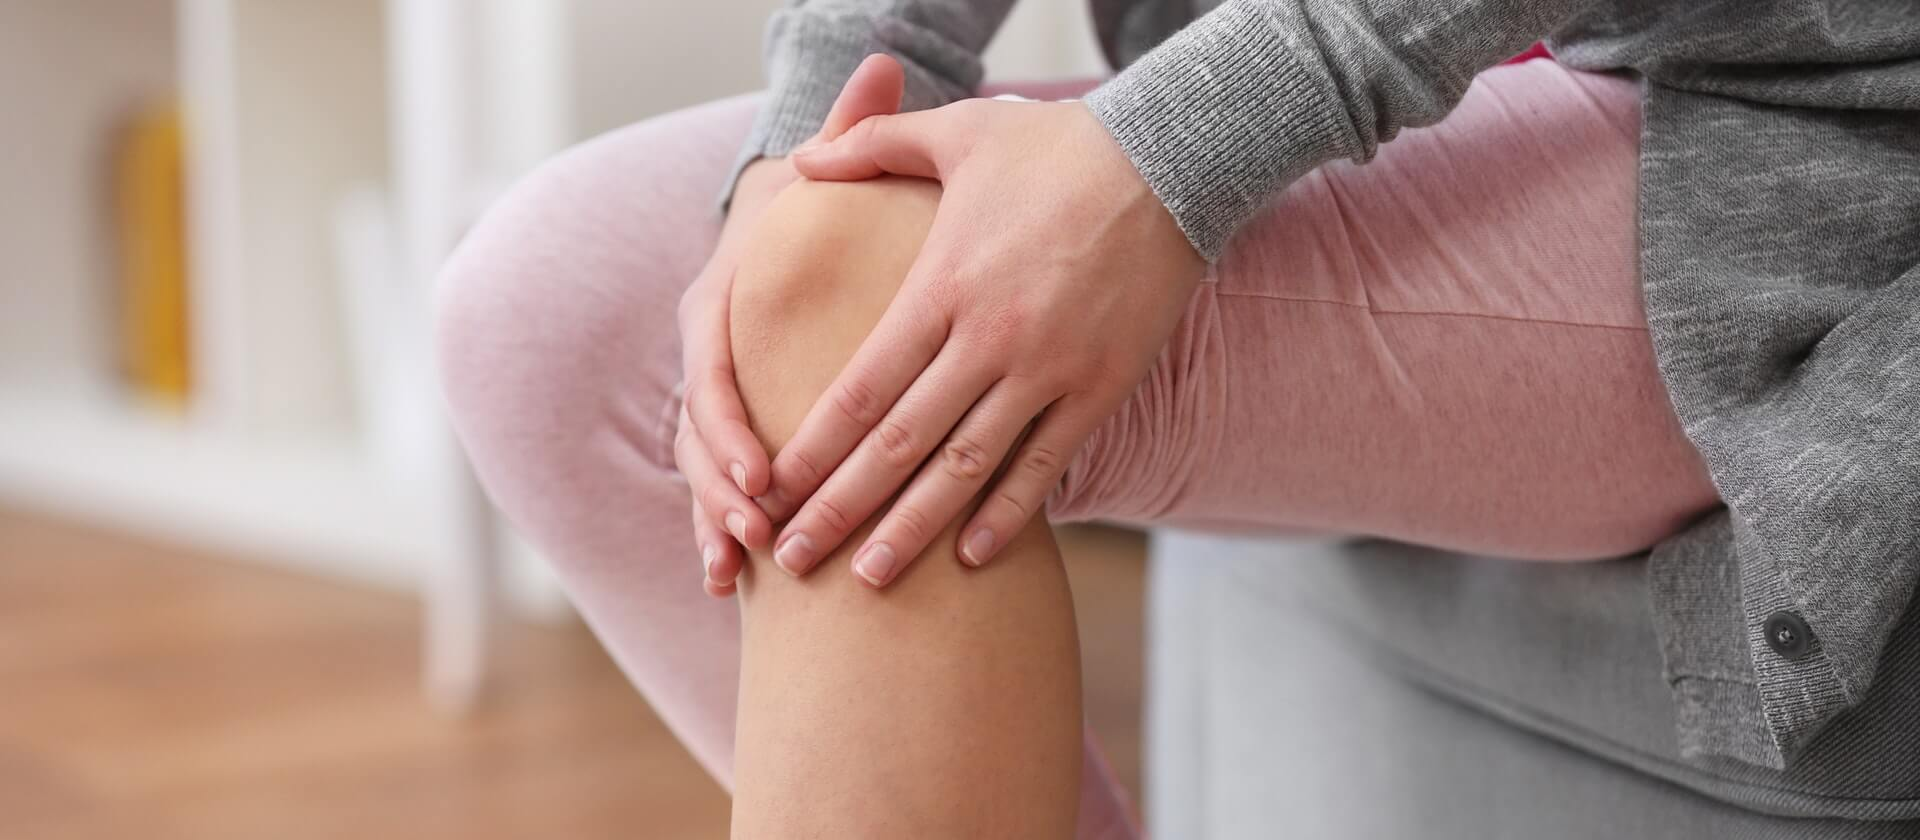 कई बार जोड़ों के दर्द के पीछे कई और कारण भी हो सकते हैं